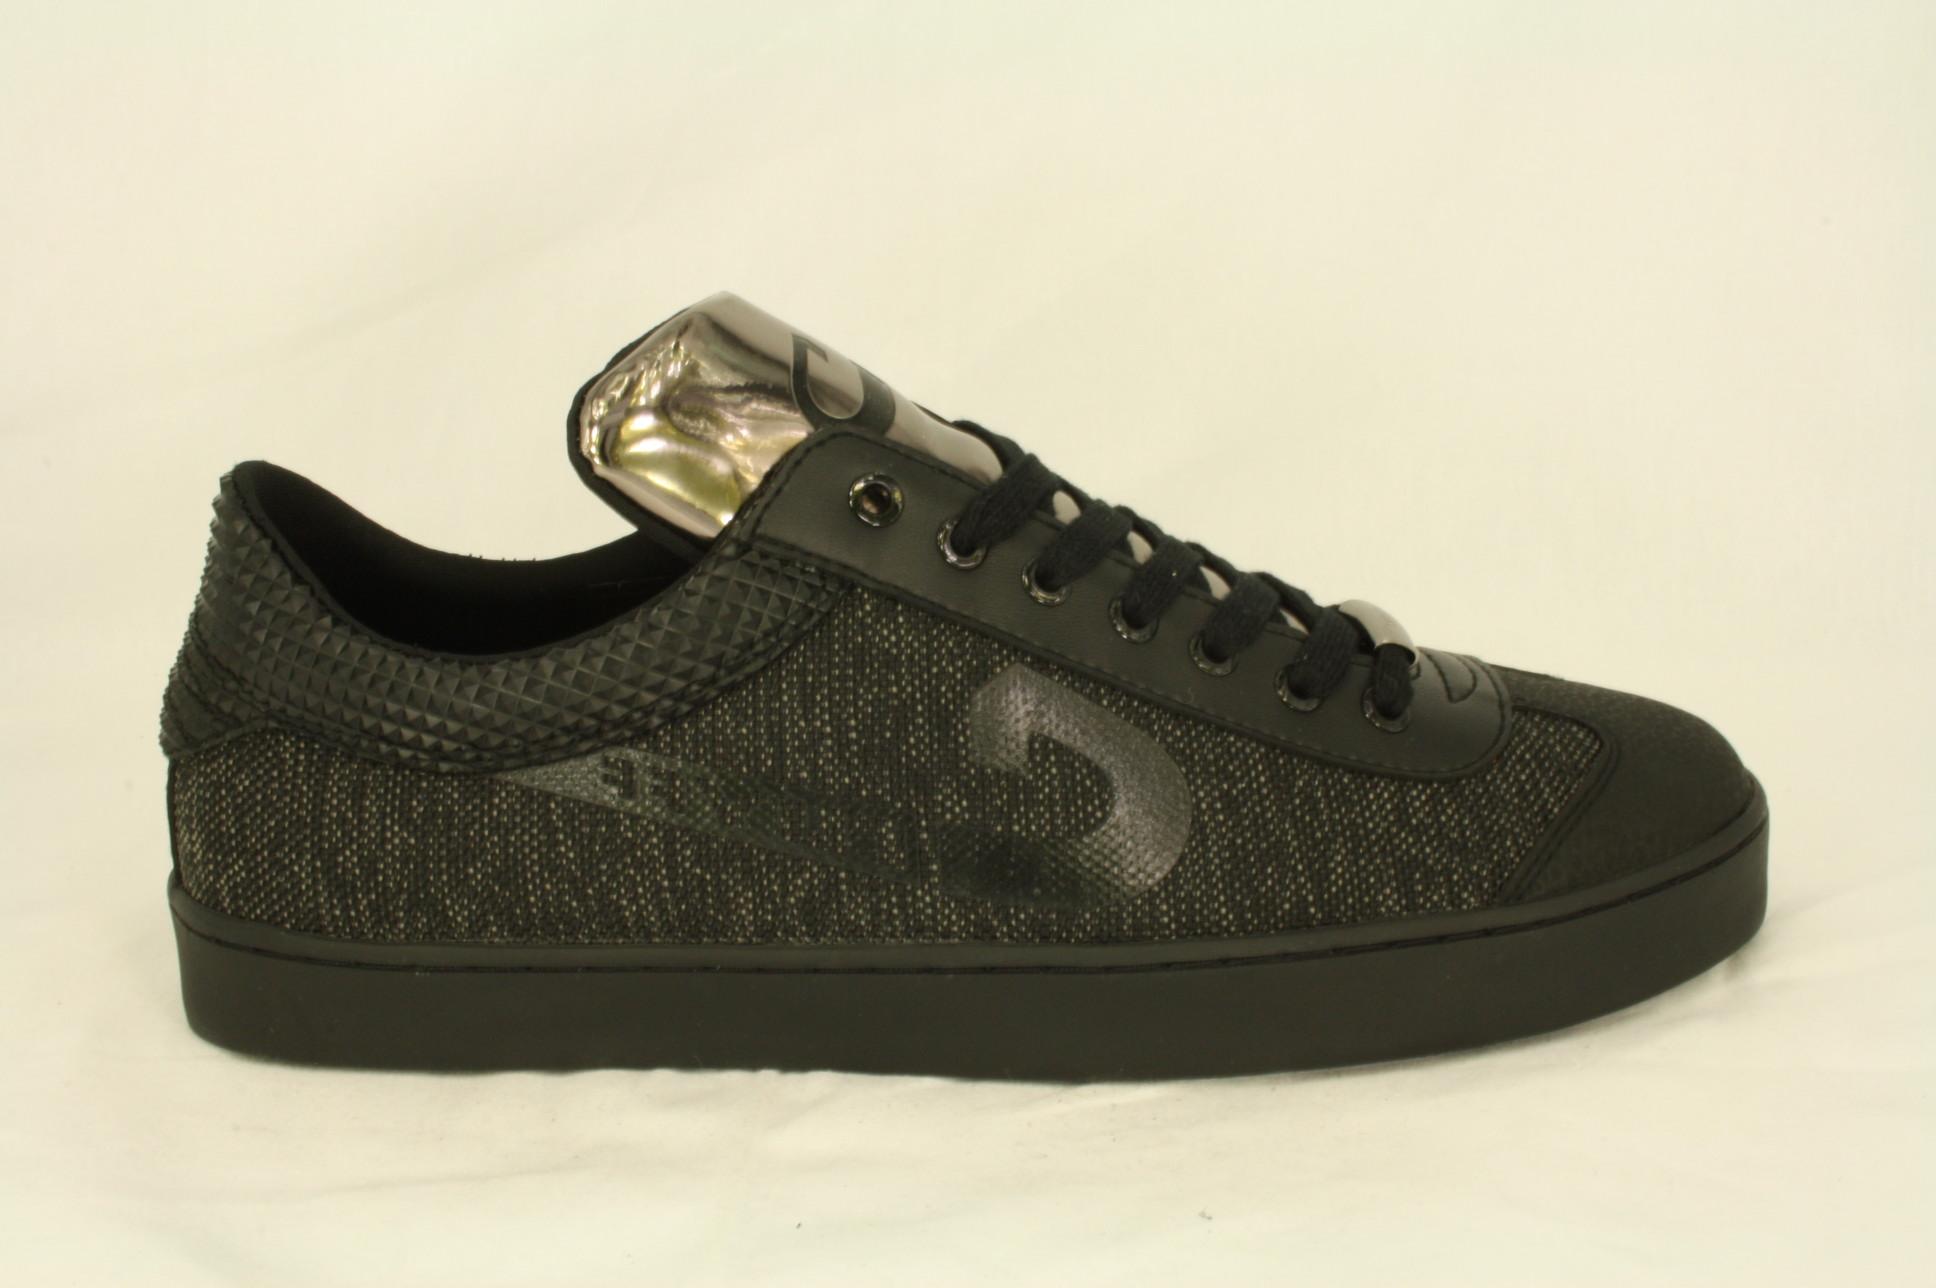 Dwars schoen en sportmode Nike: 749680 010, Nike Air Max